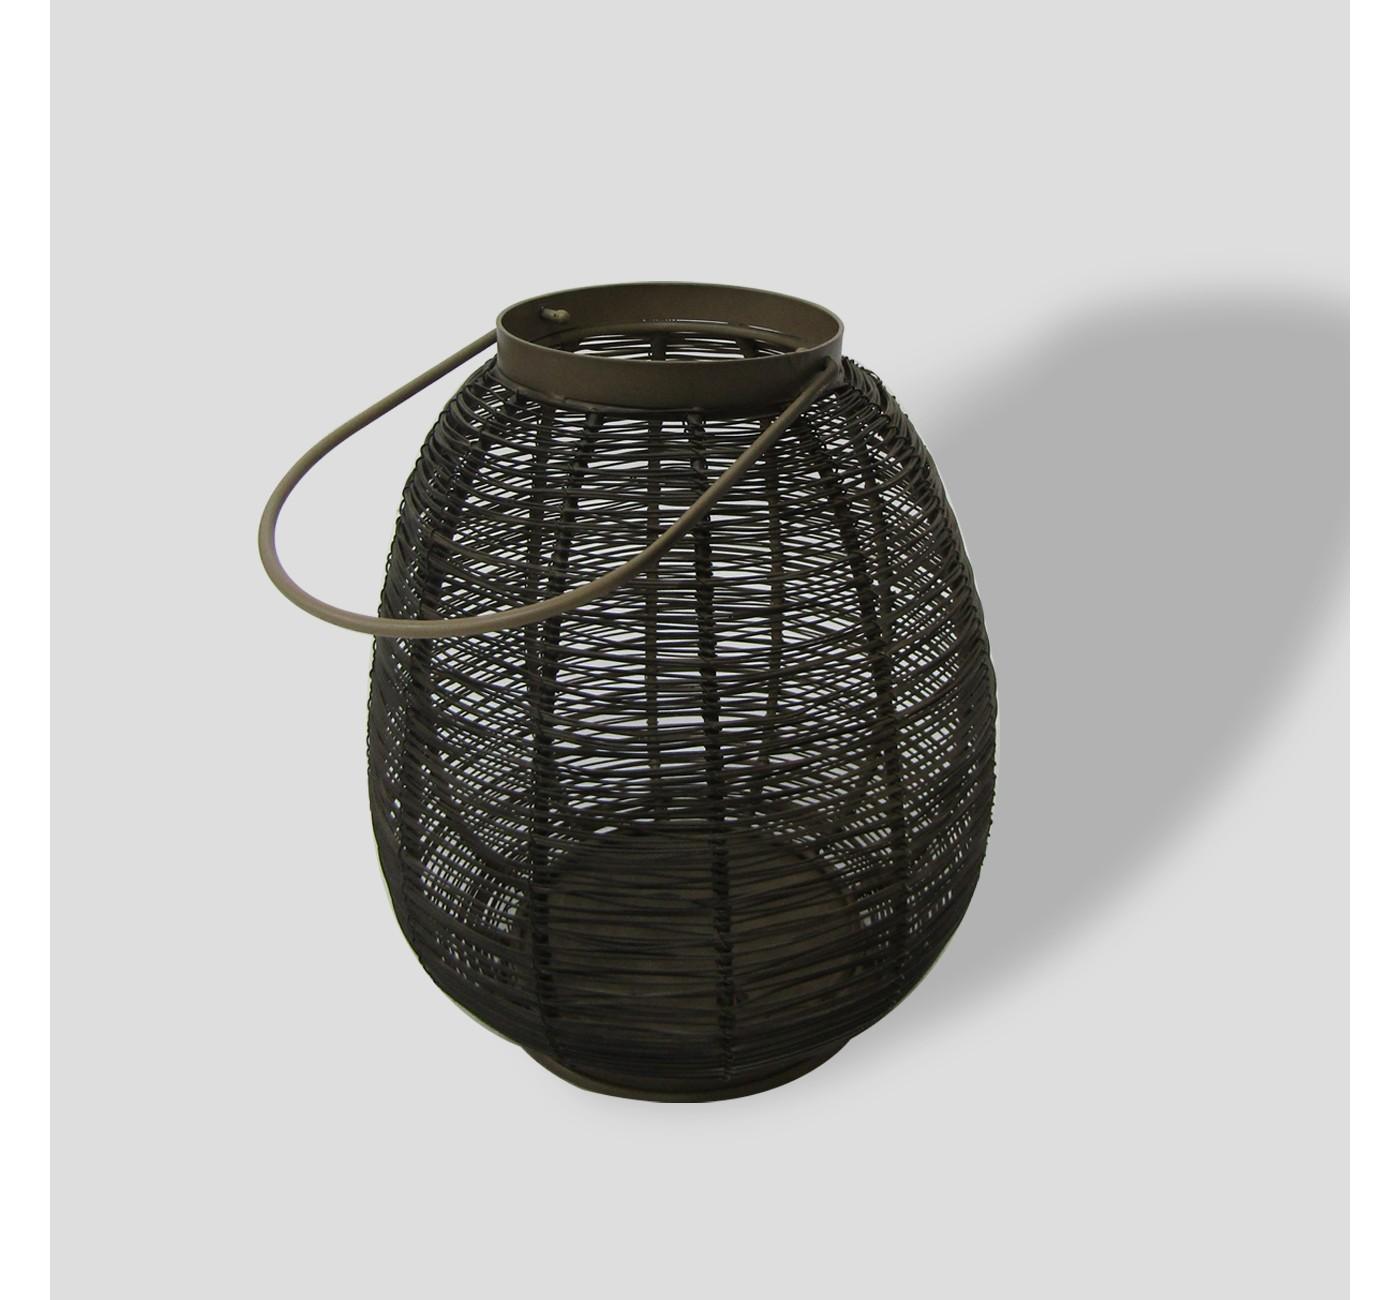 Woven Lantern